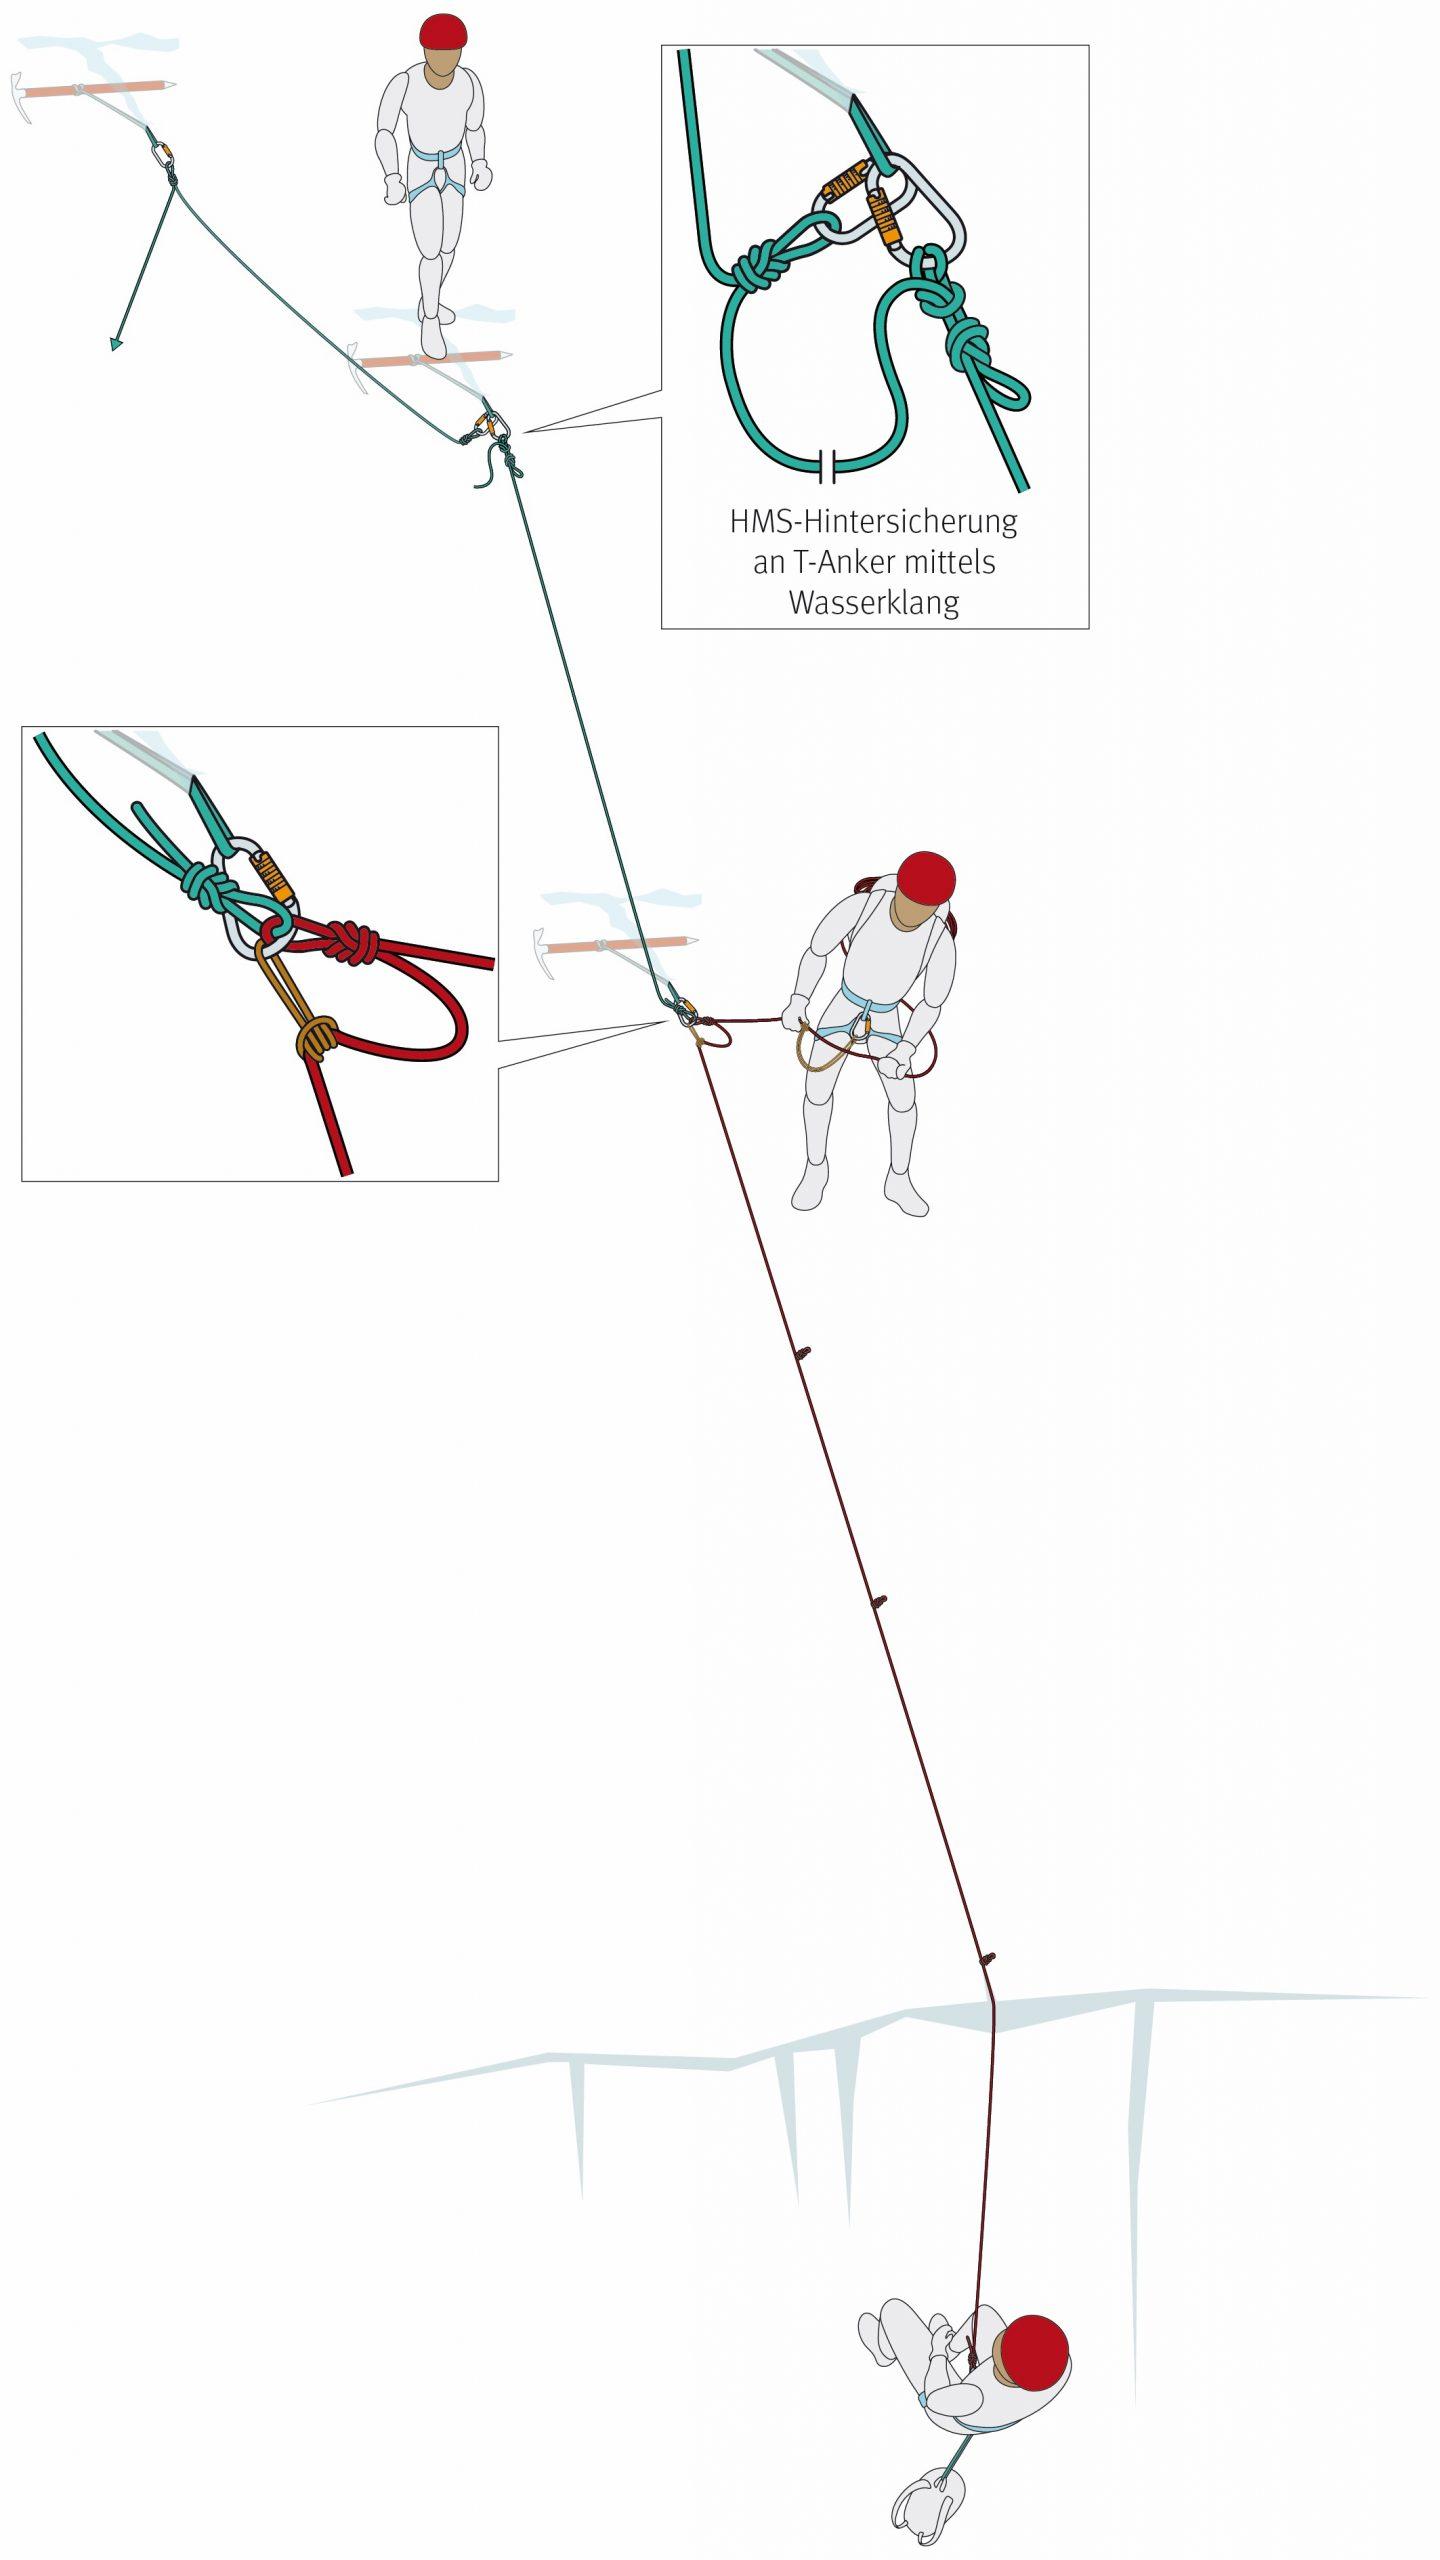 So soll die HMS-Hintersicherung nach dem Spaltensturz abgebunden werden. Grafik: Georg Sojer